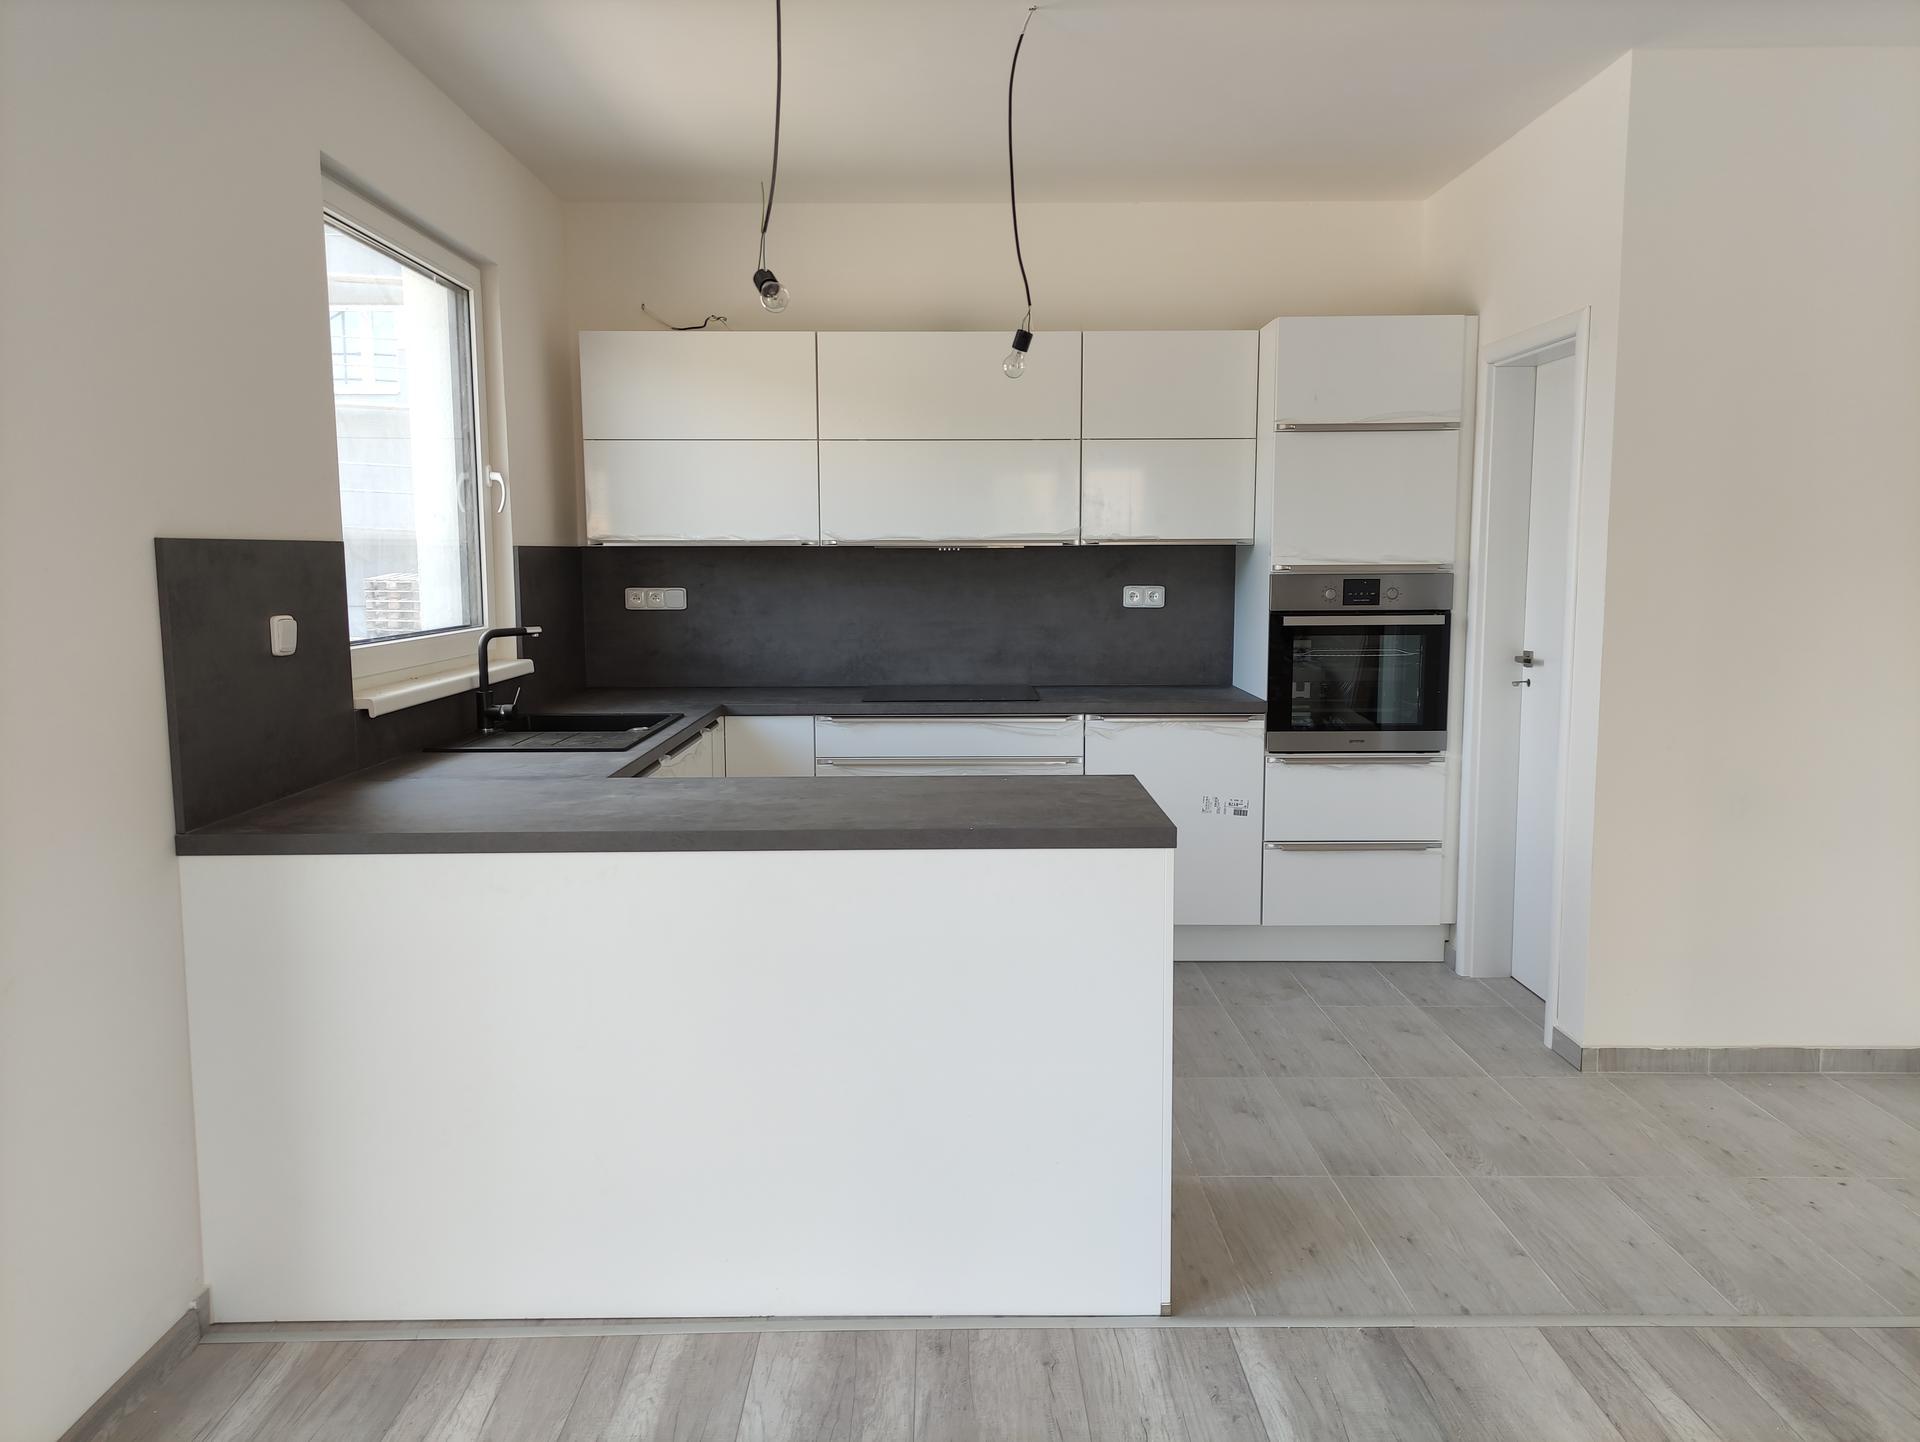 Náš budoucí domov...snad někdy - 21.7.2021 montáž kuchyně